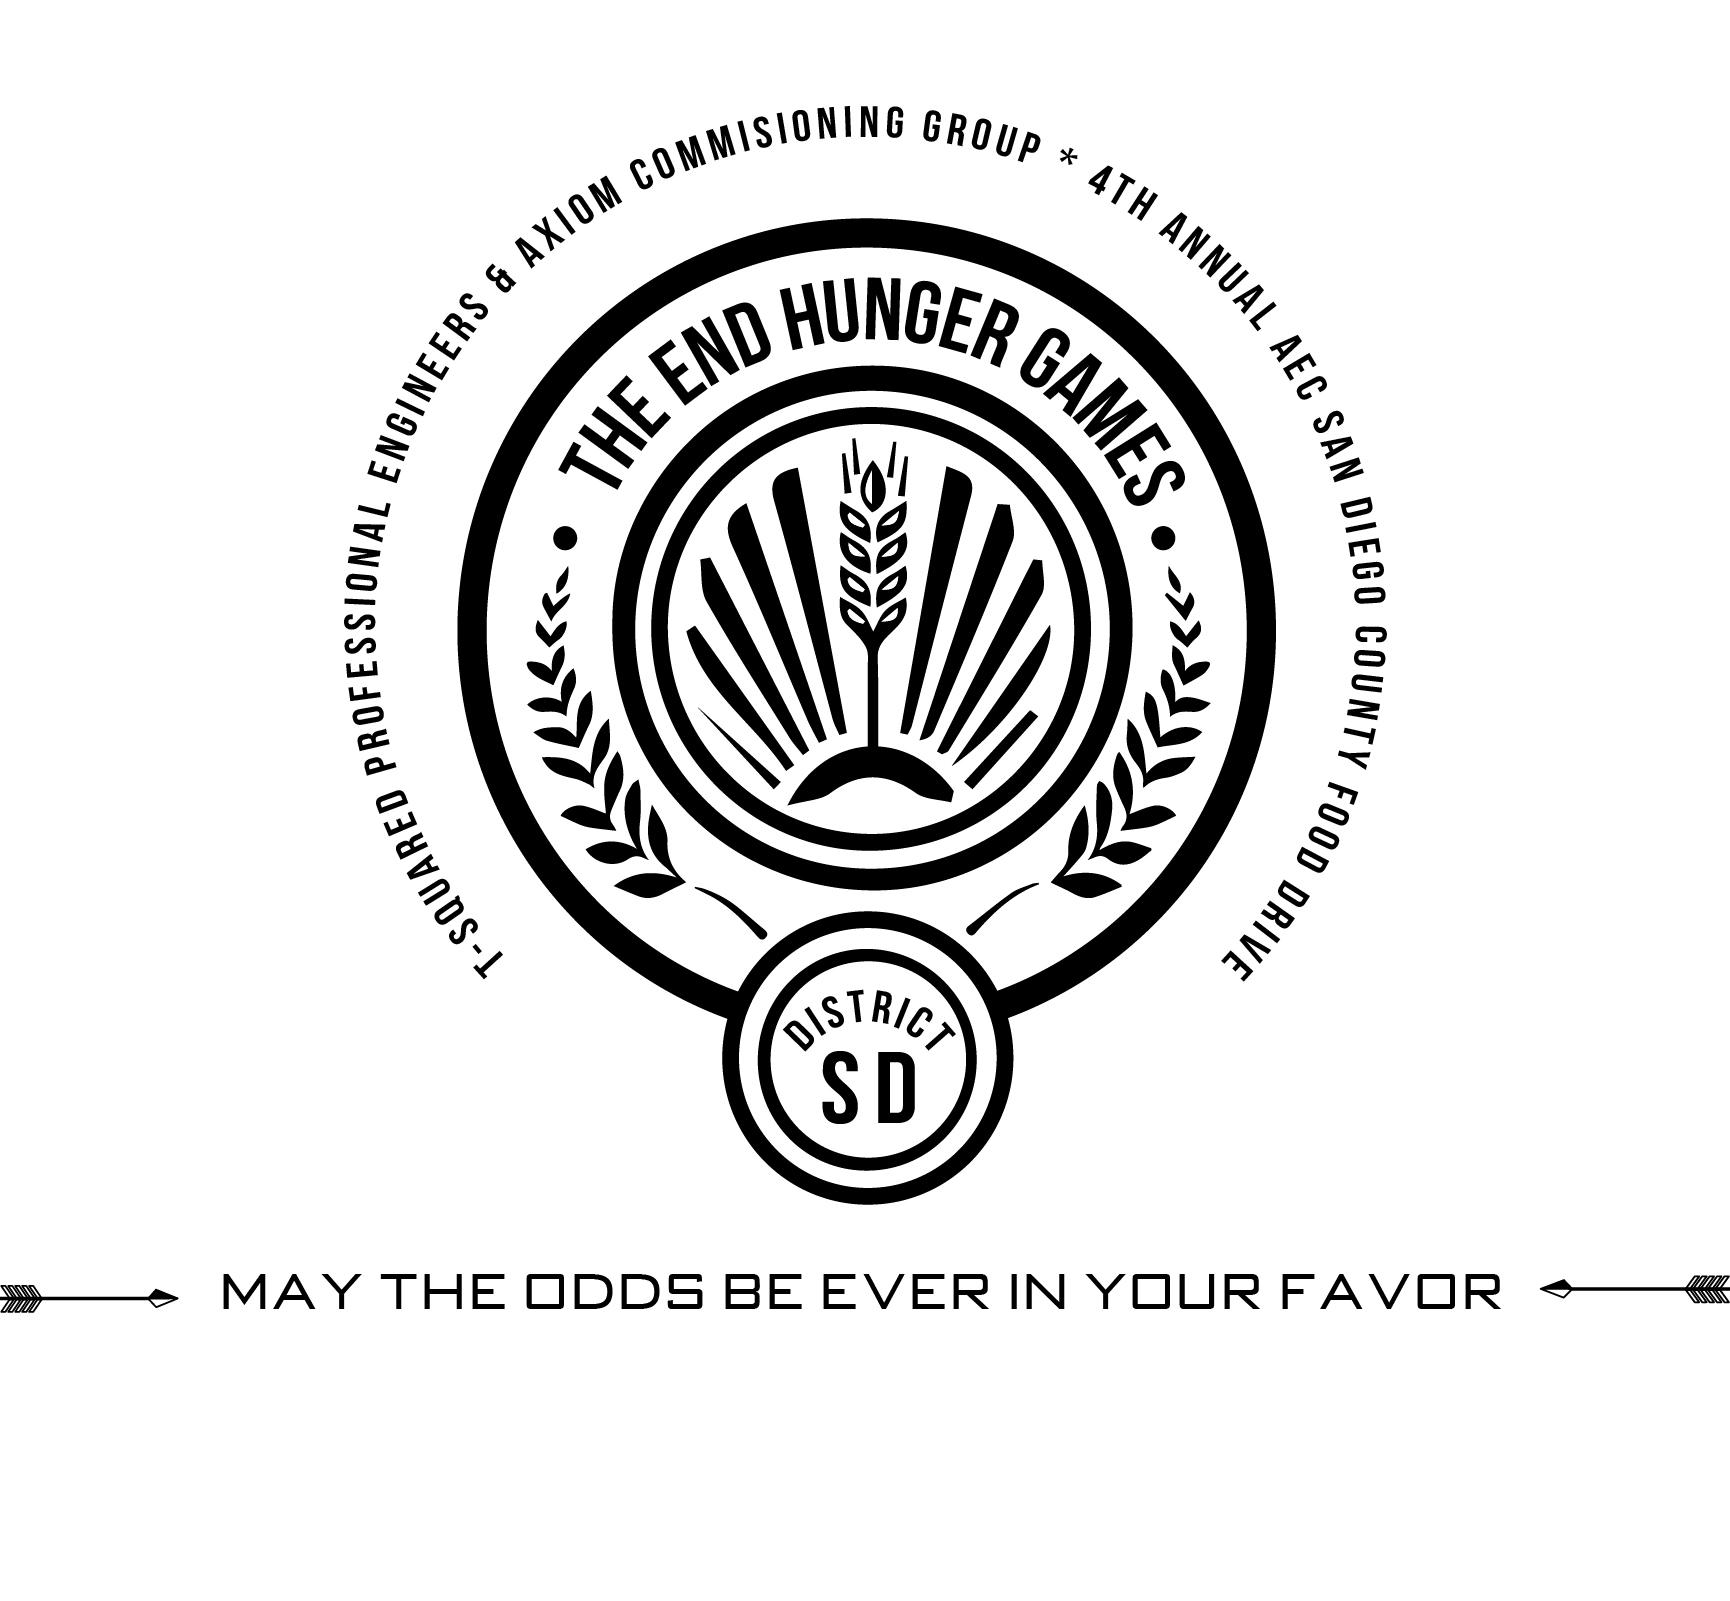 end hunger games logo-R1.jpg